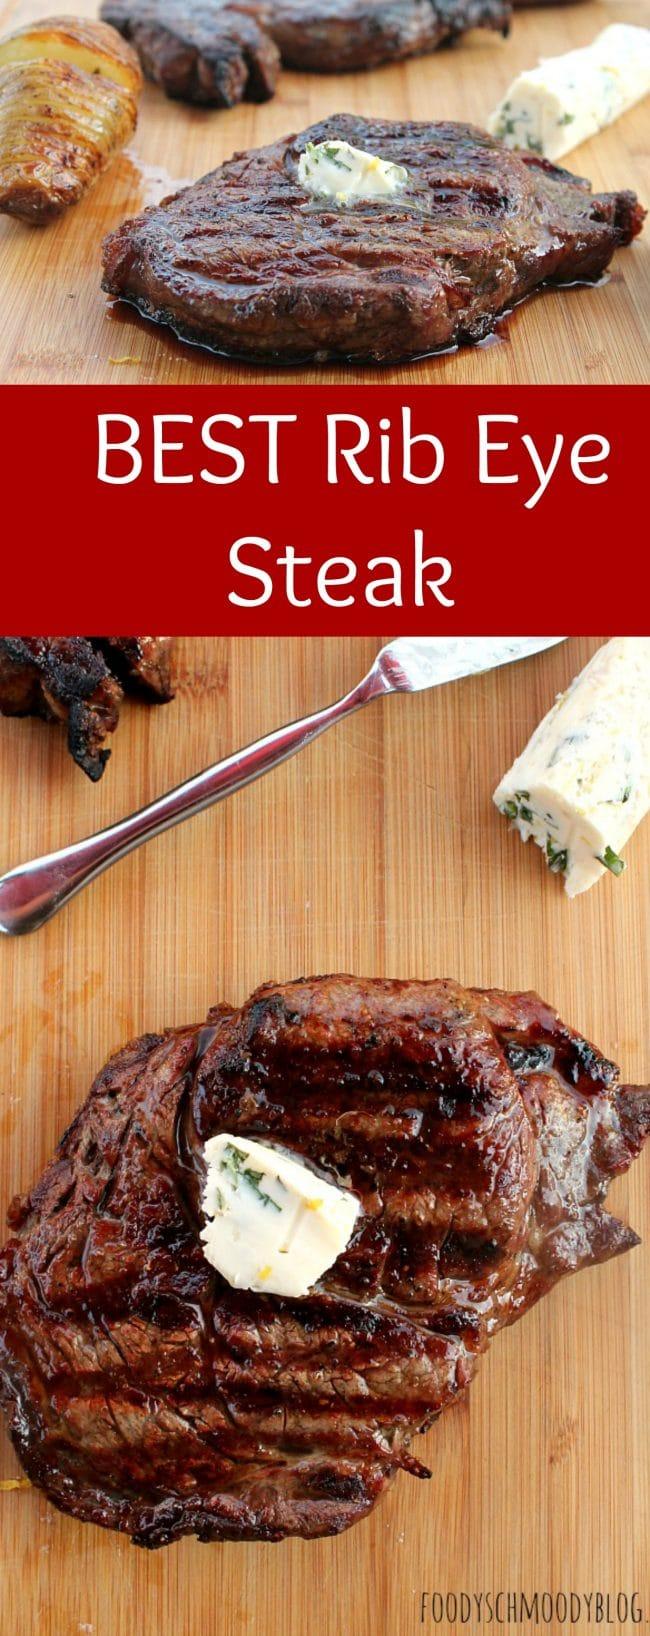 My Best Rib Eye Steak Recipe - Foody Schmoody Blog | Foody Schmoody ...